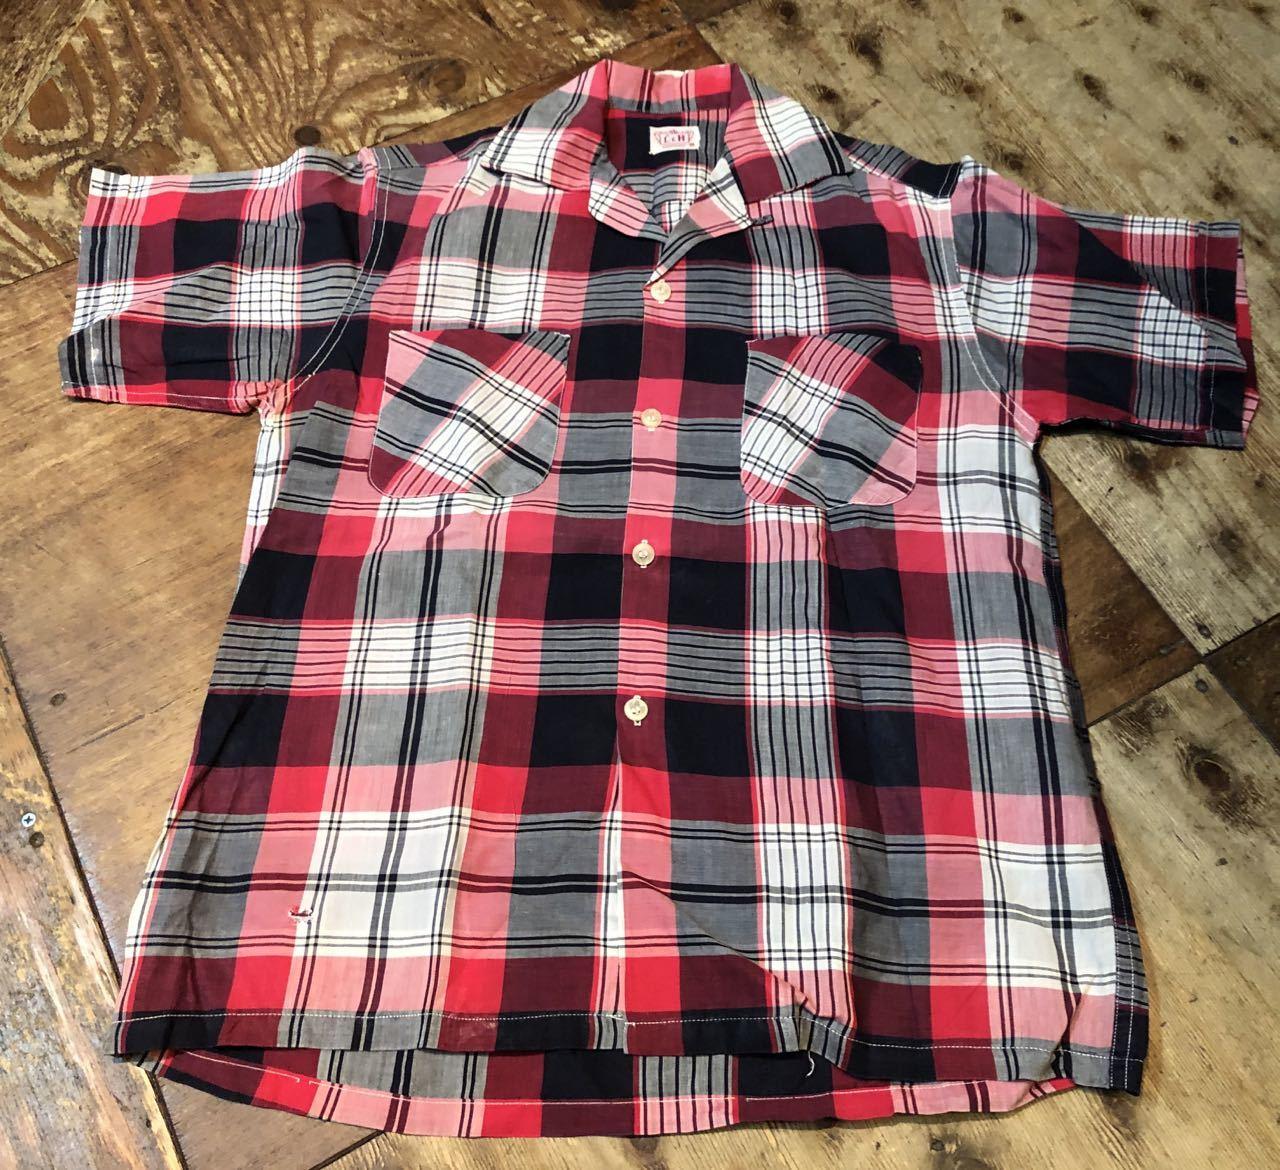 8月8日(土)入荷!50s all cotton オープンカラー ボックスシルエットシャツ!_c0144020_15112254.jpg